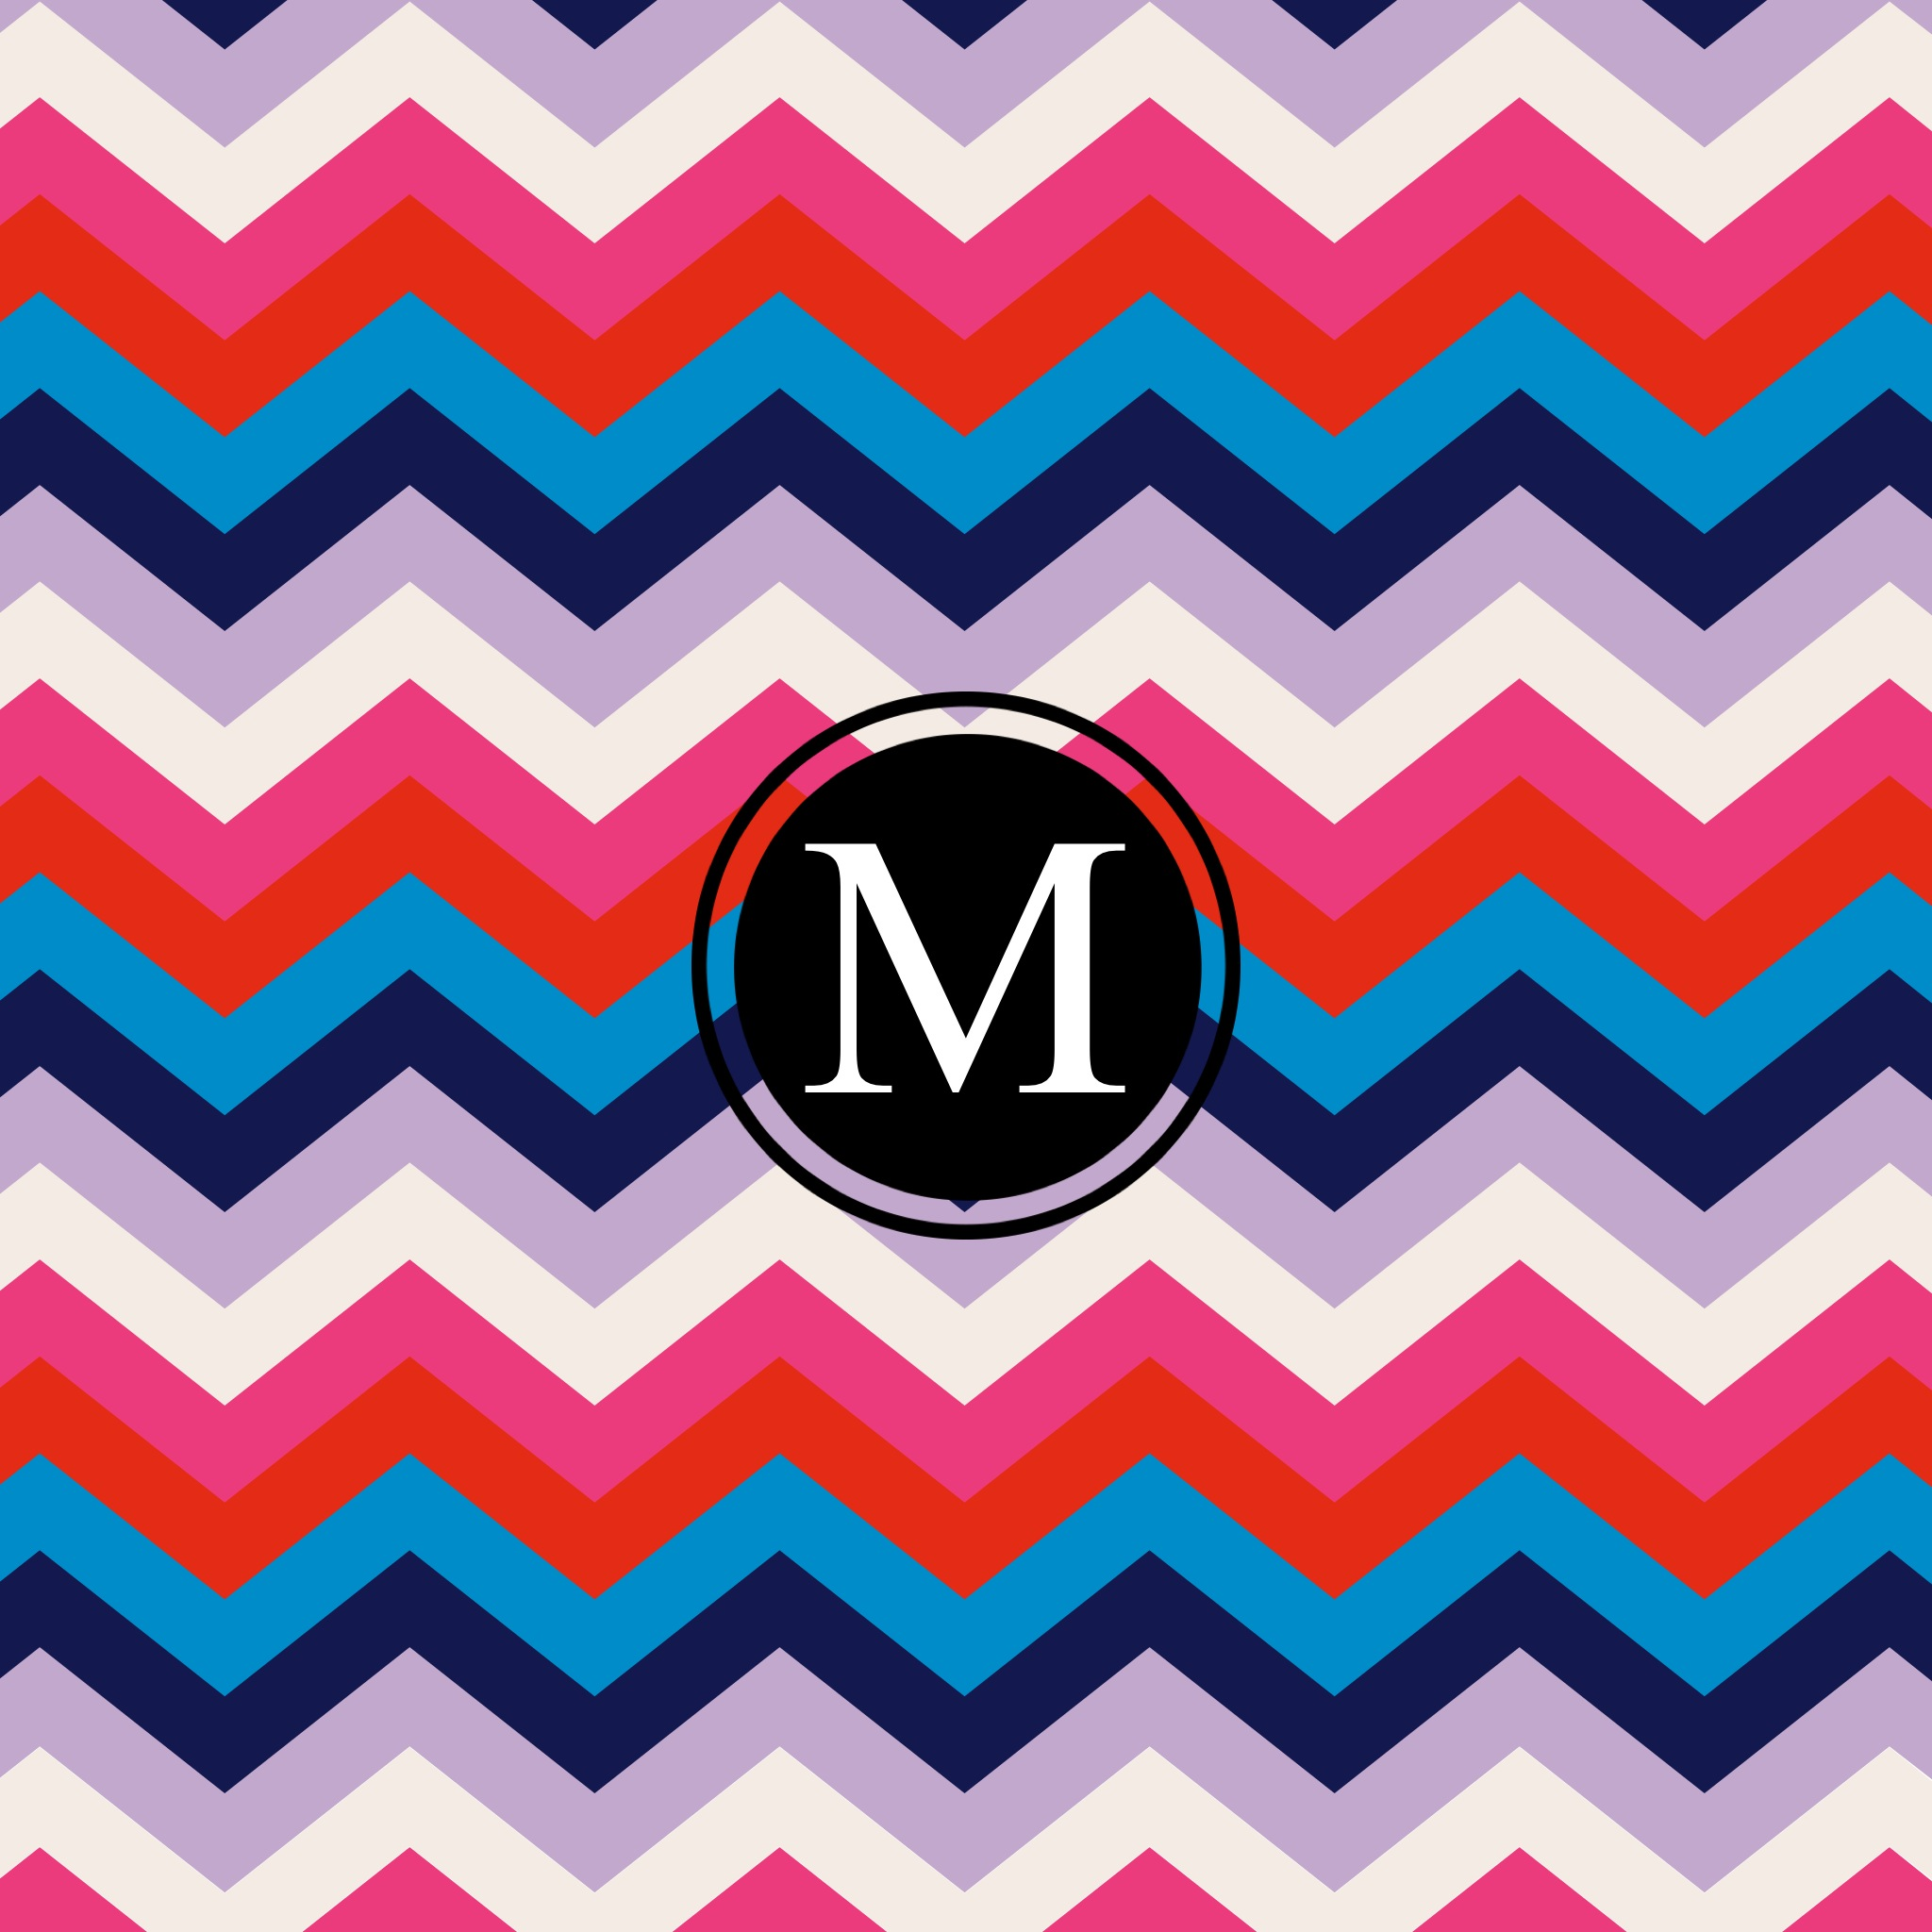 L Monogram Wallpaper - WallpaperSafari